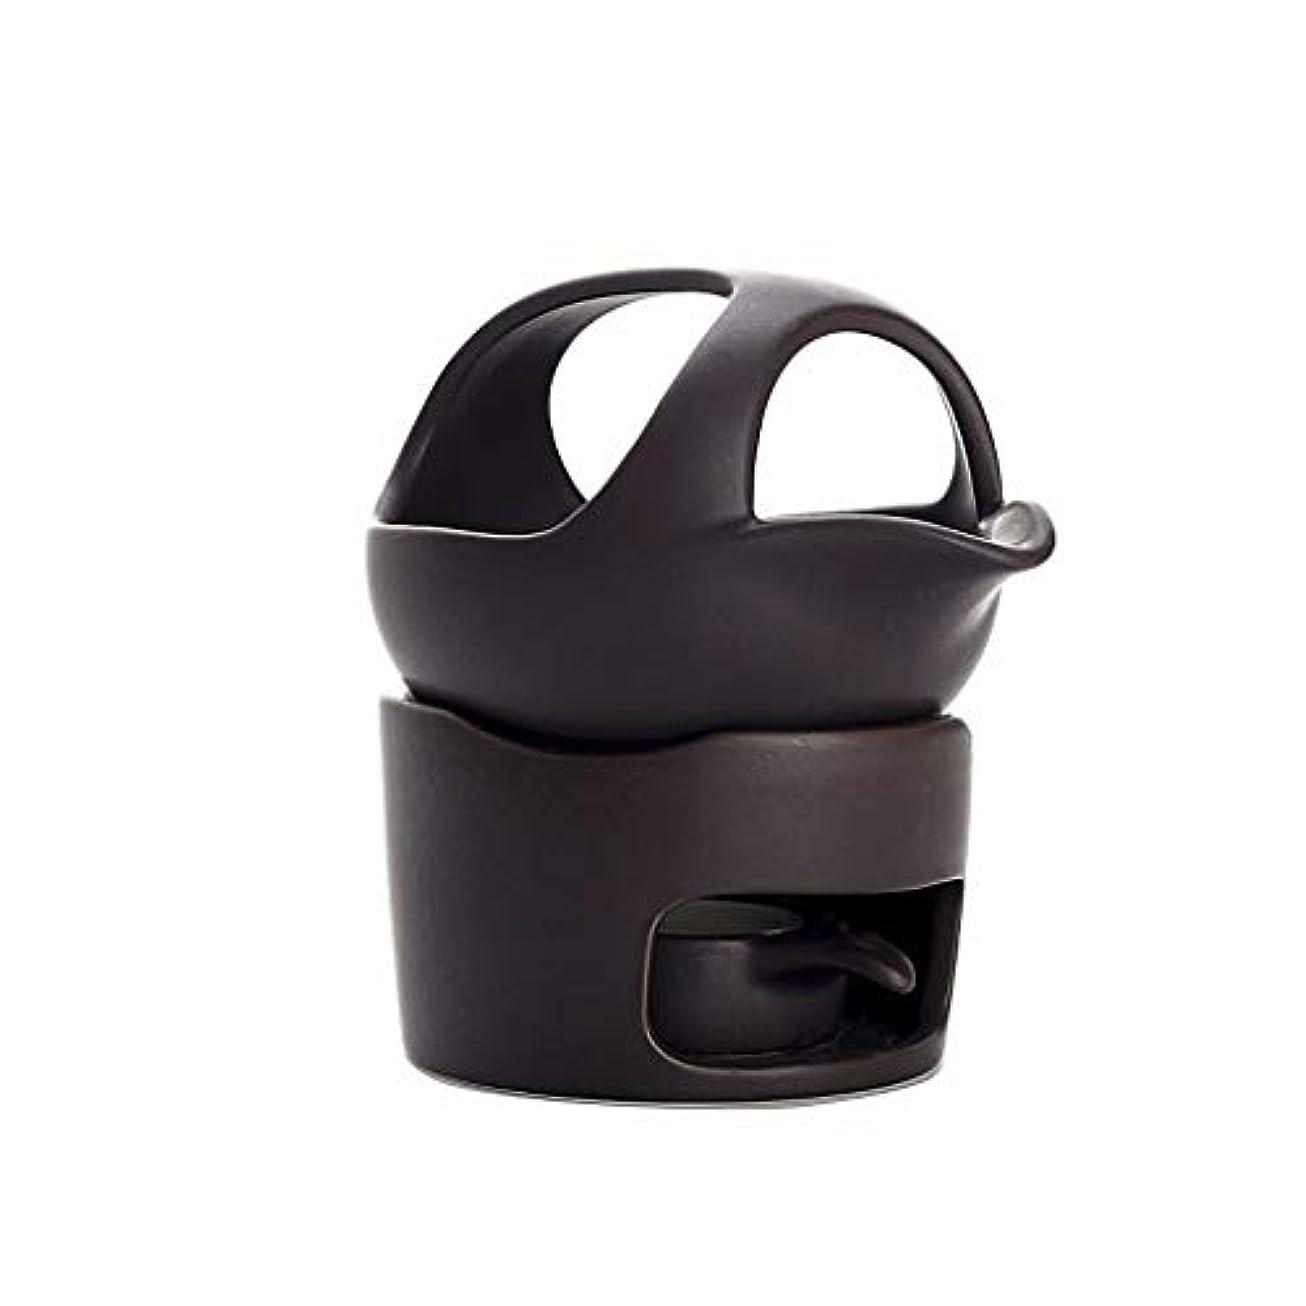 敬なベースベースホームアロマバーナー セラミックお香バーナースモークティーストーブウェイクアップお茶お香バーナー陶器お茶セットアクセサリーお香ホルダー アロマバーナー (Color : Black, サイズ : 12.5cm)